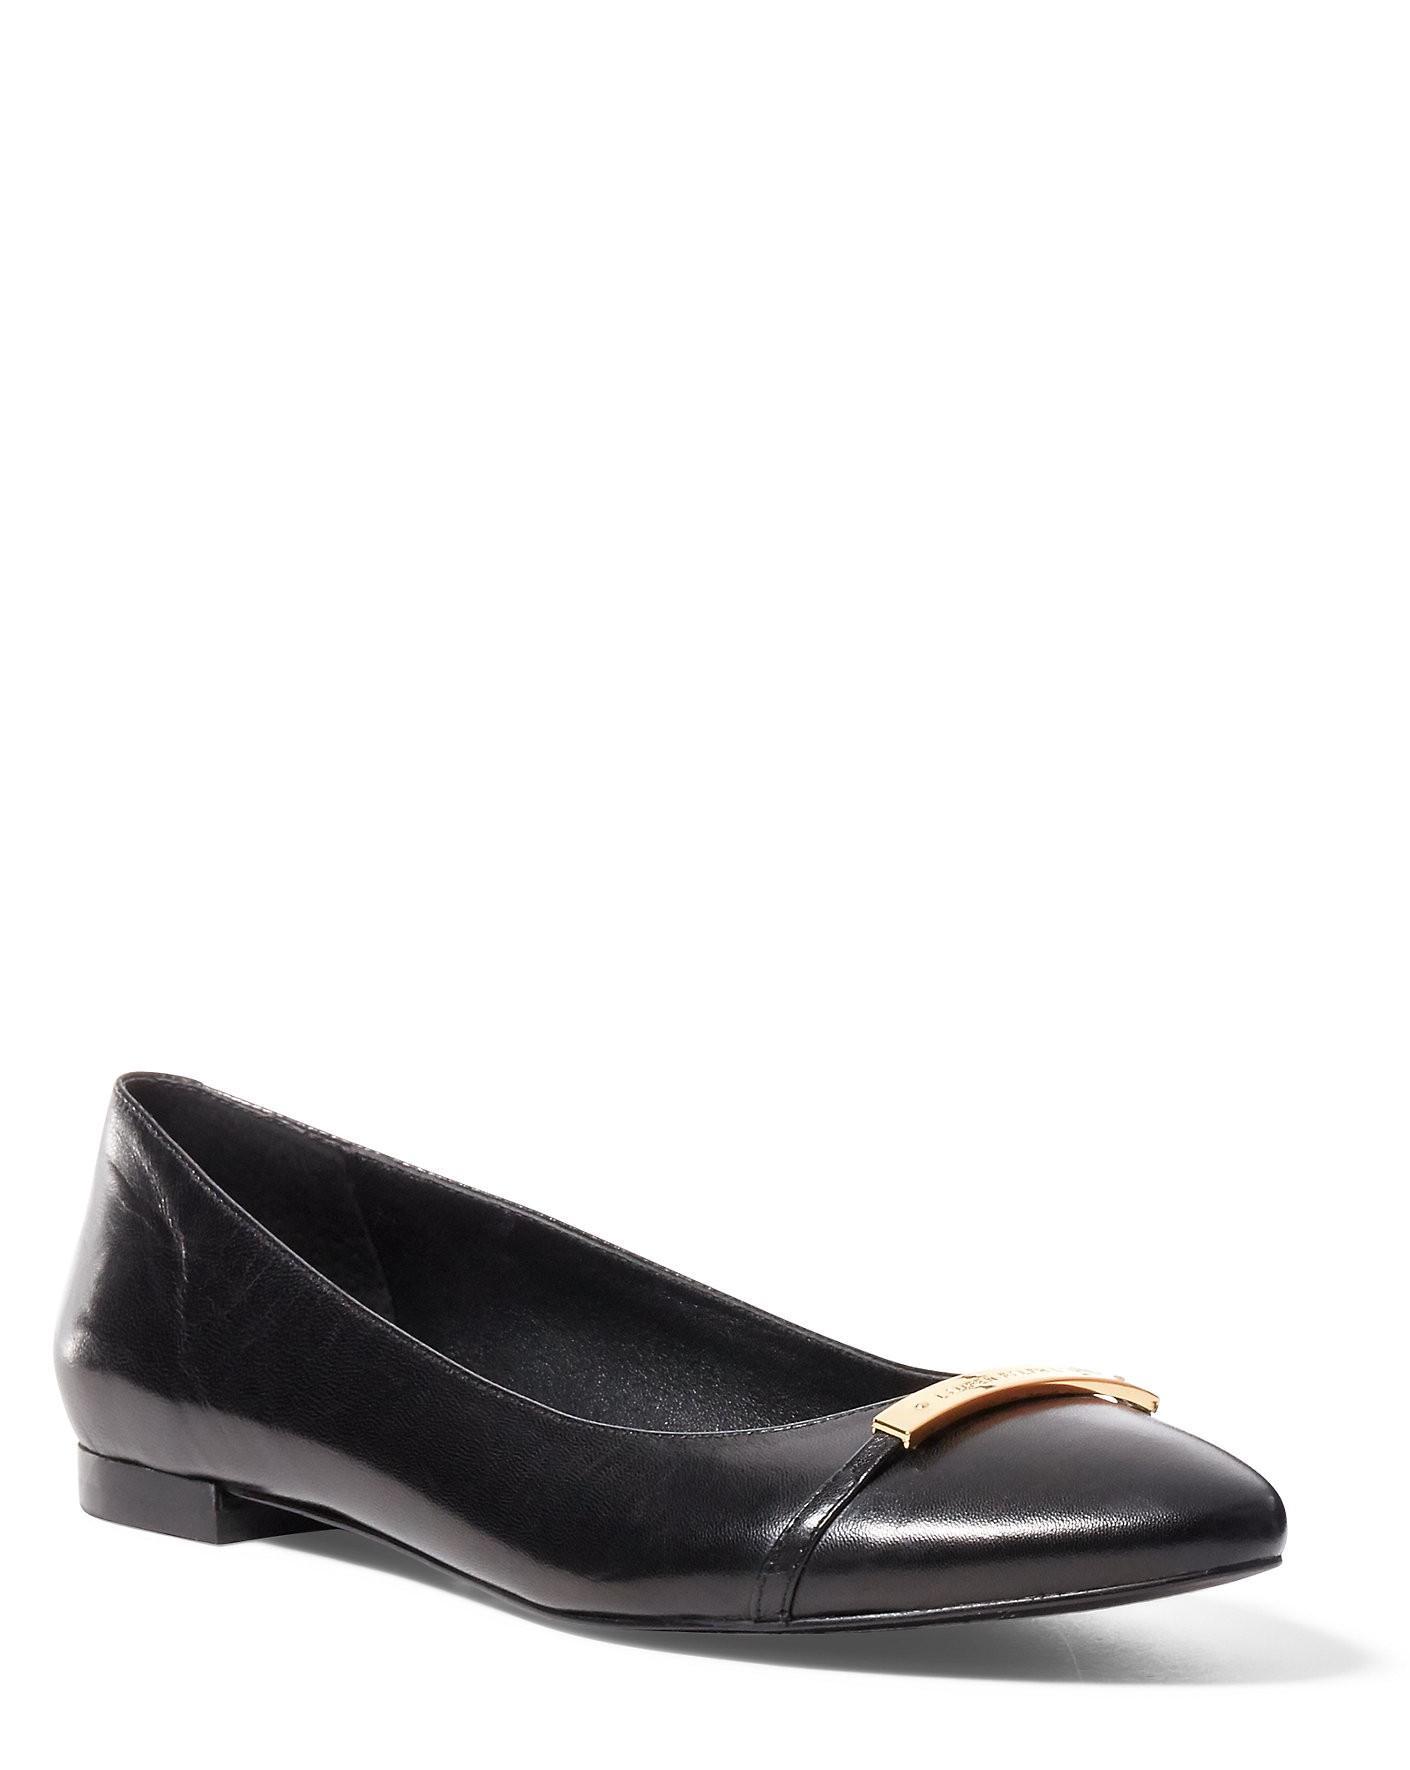 Ralph Lauren Lauren Farrel Leather Flat In Black